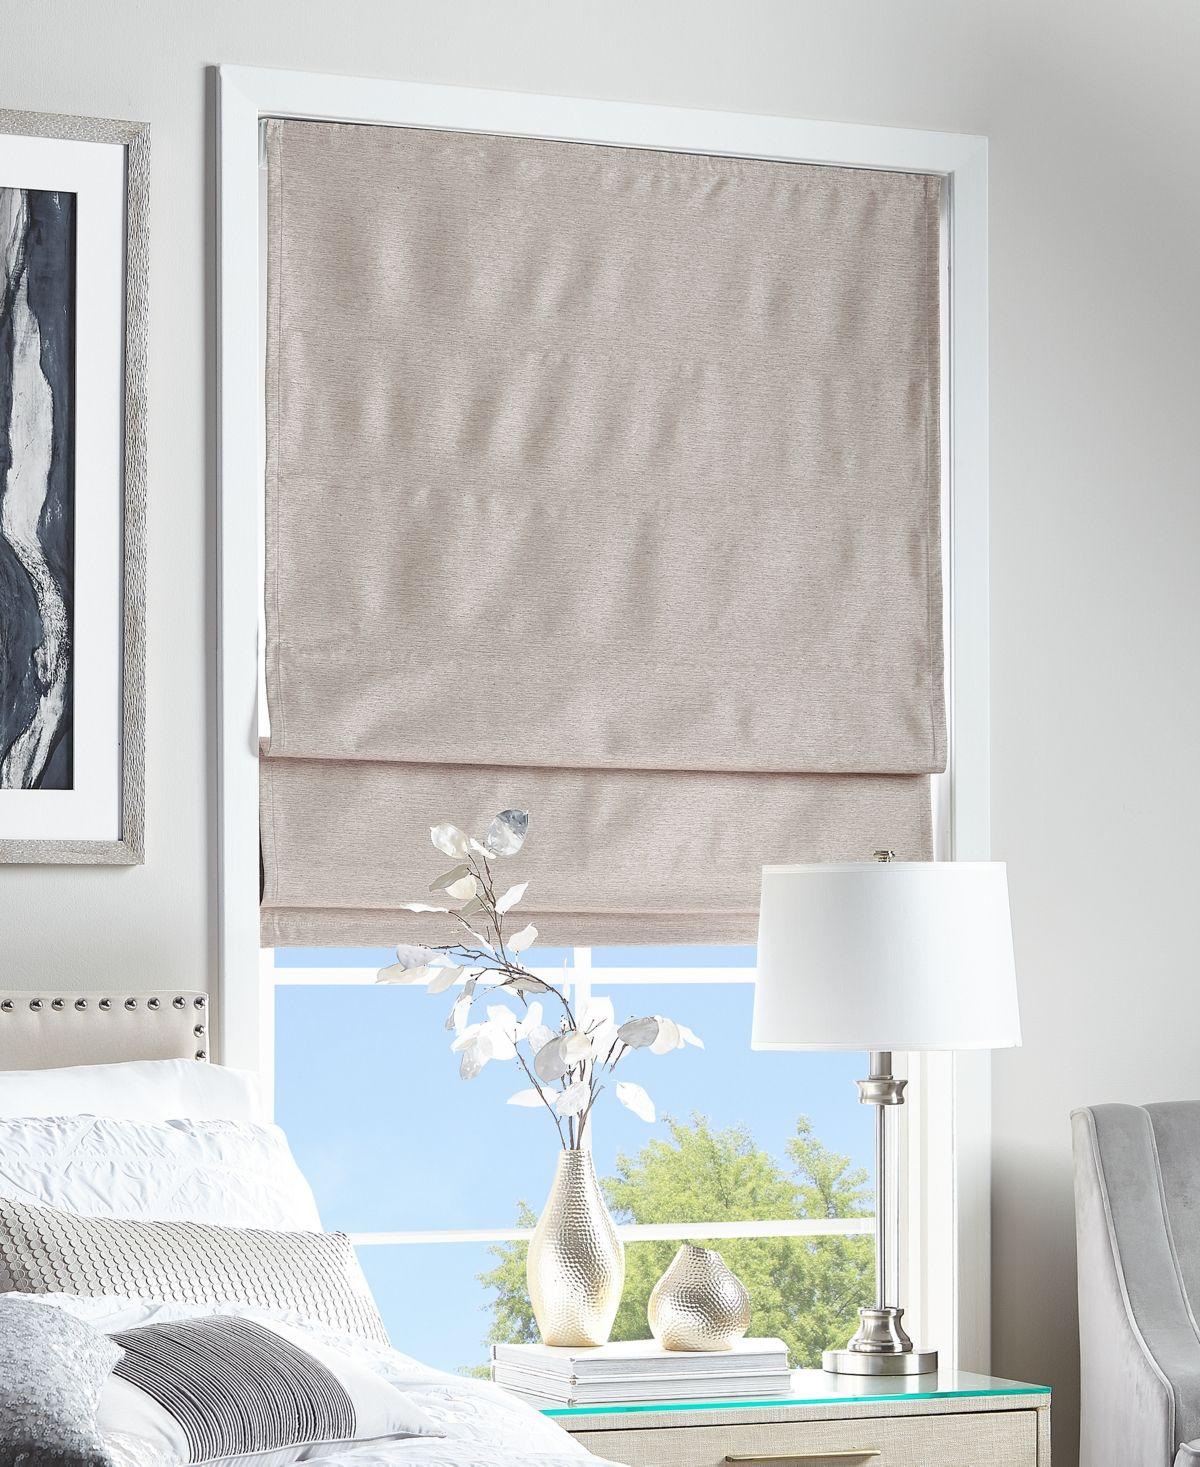 Chf Harmony 39 Window Shade Reviews Window Treatments Blinds Macy S Cordless Roman Shades Roman Shades Room Darkening